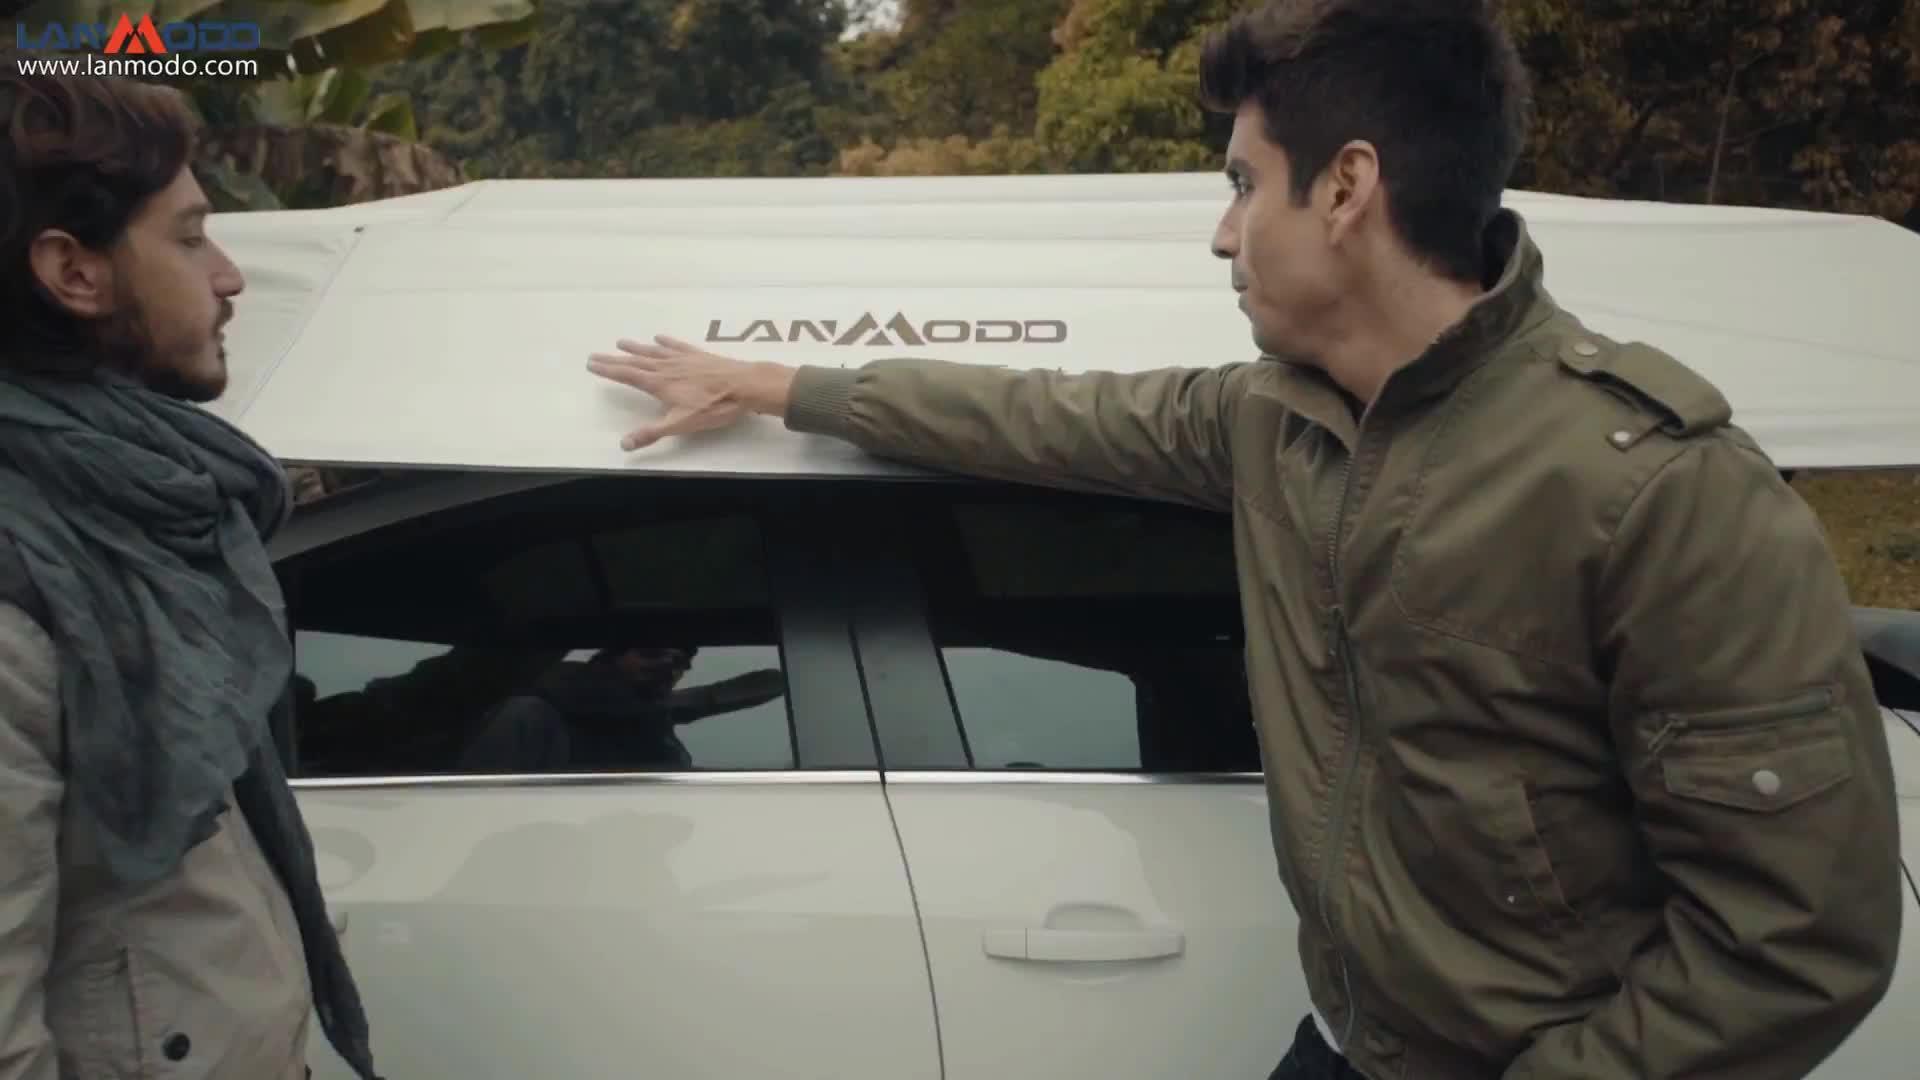 2018 Patentinhaber Lanmodo hagelsichere automatische Fahrzeugabdeckungen